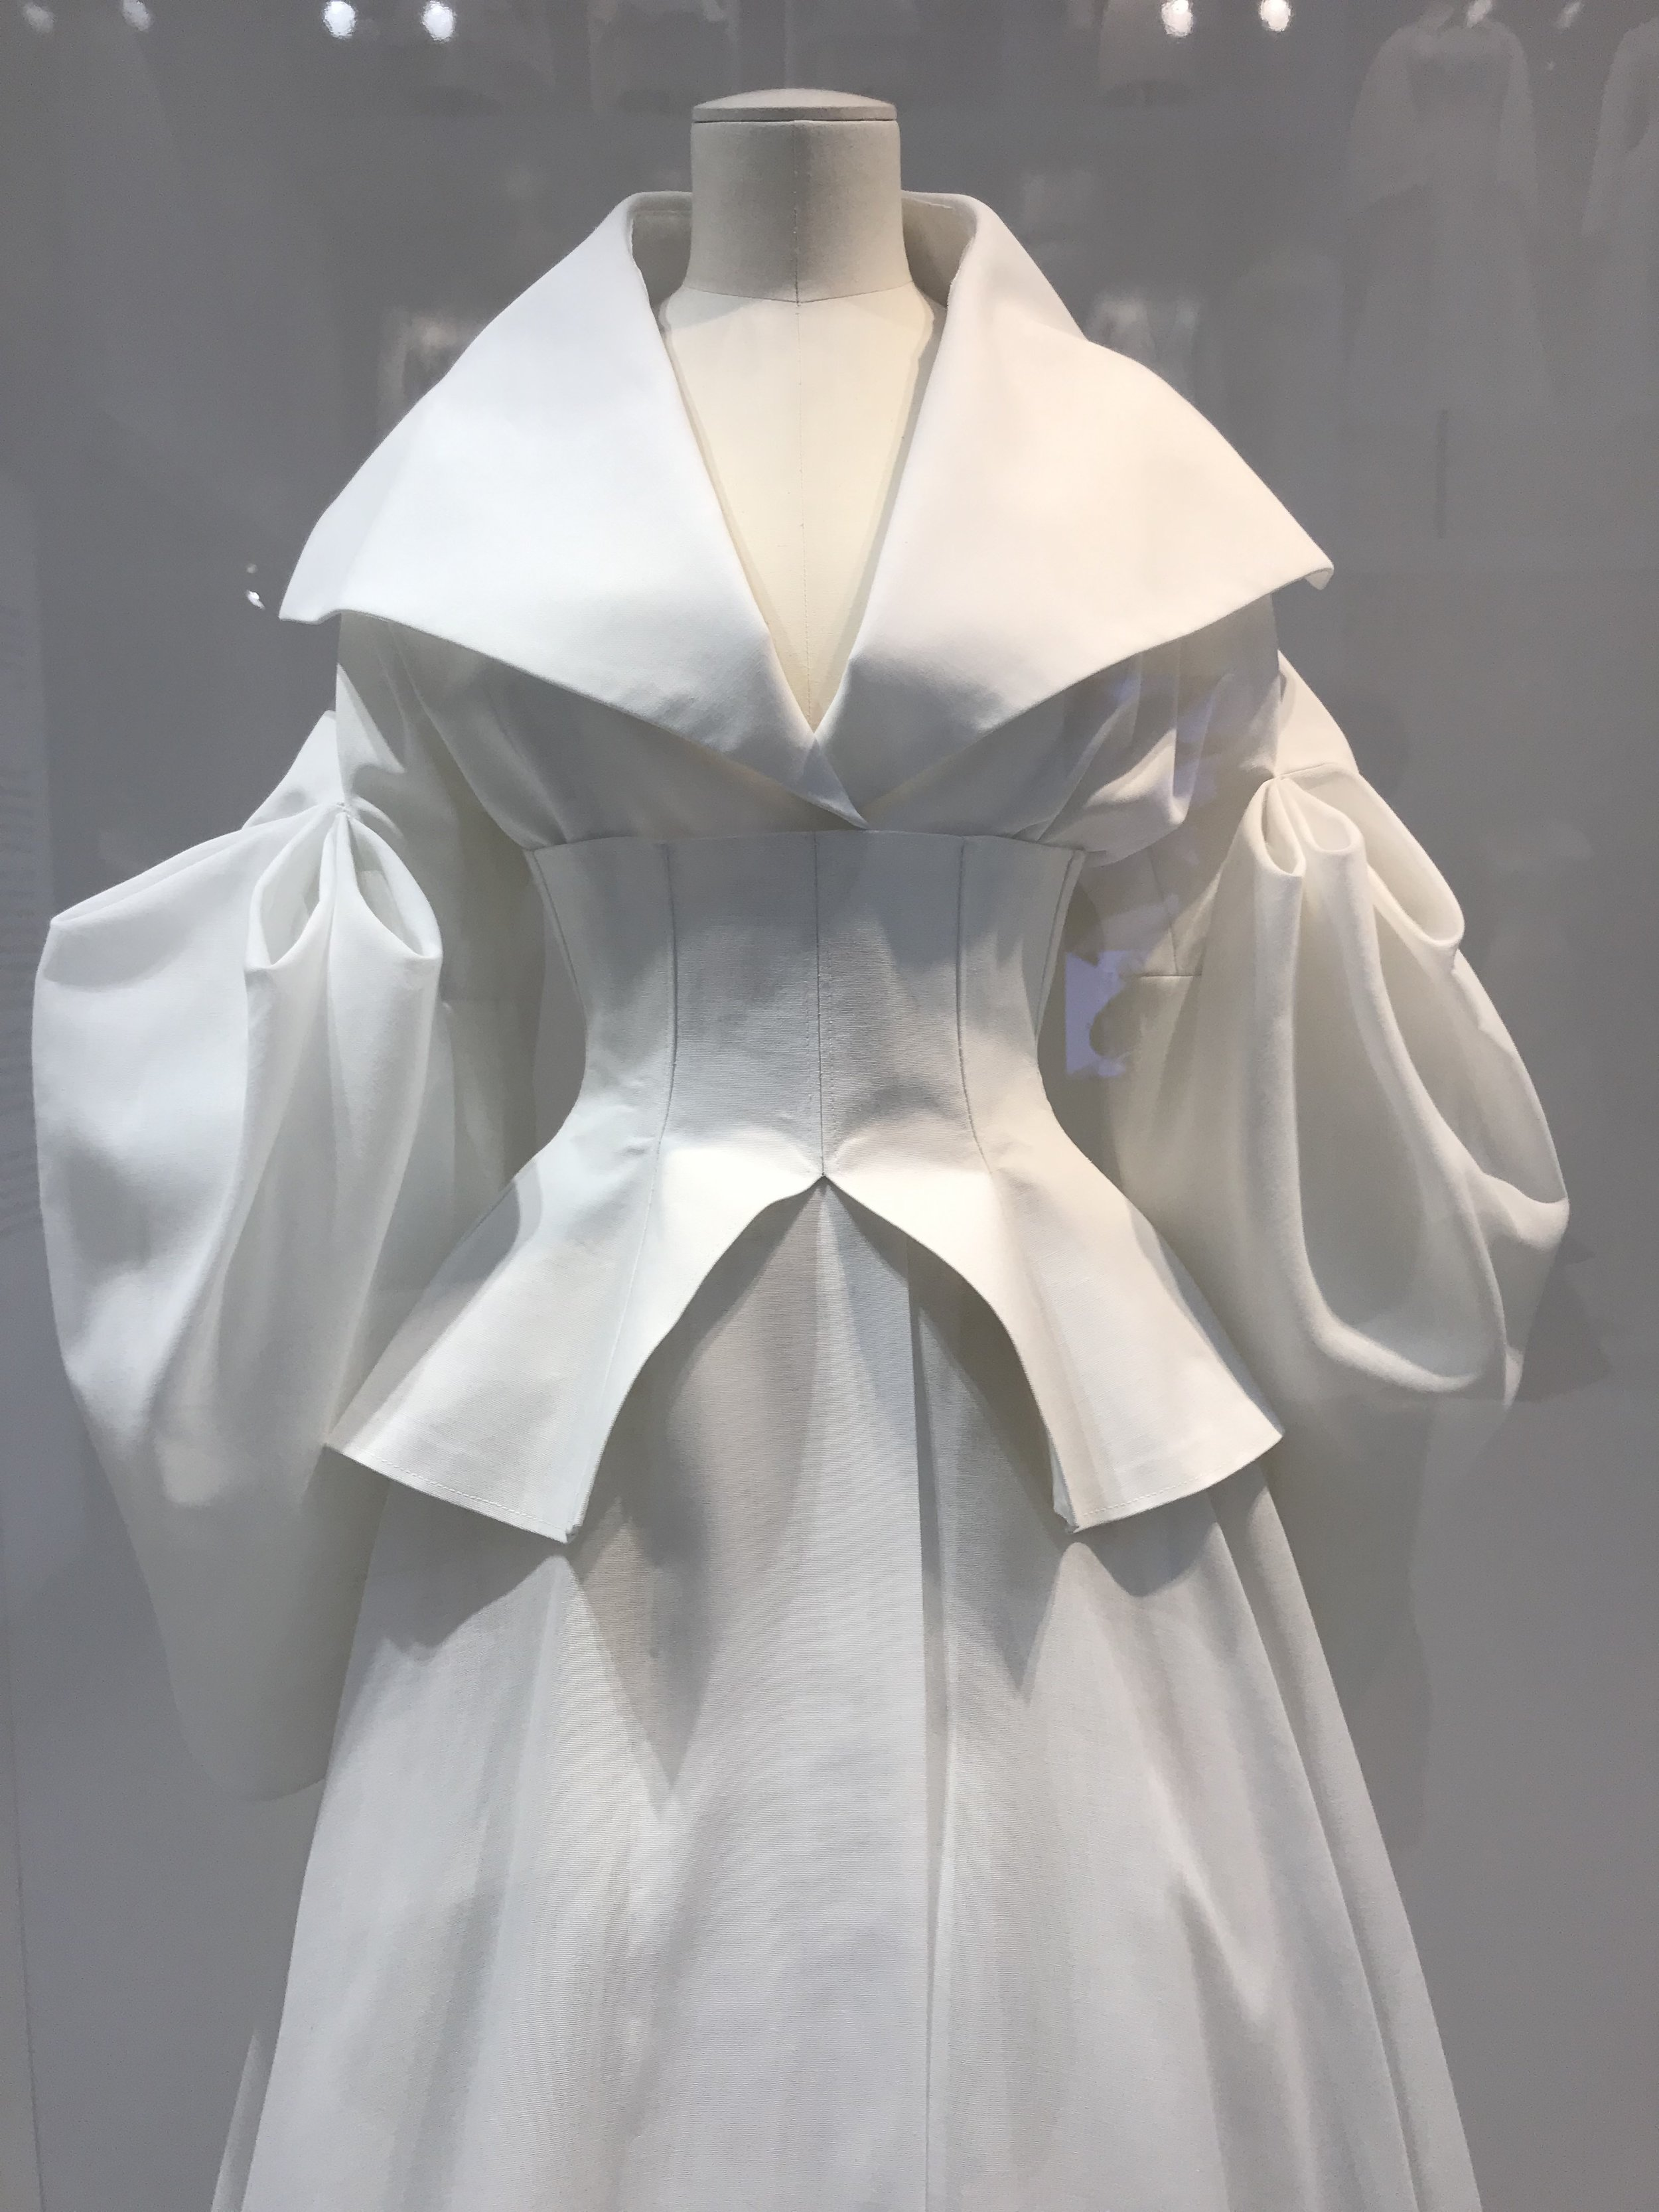 Dressmaking architecture celebrating the female form